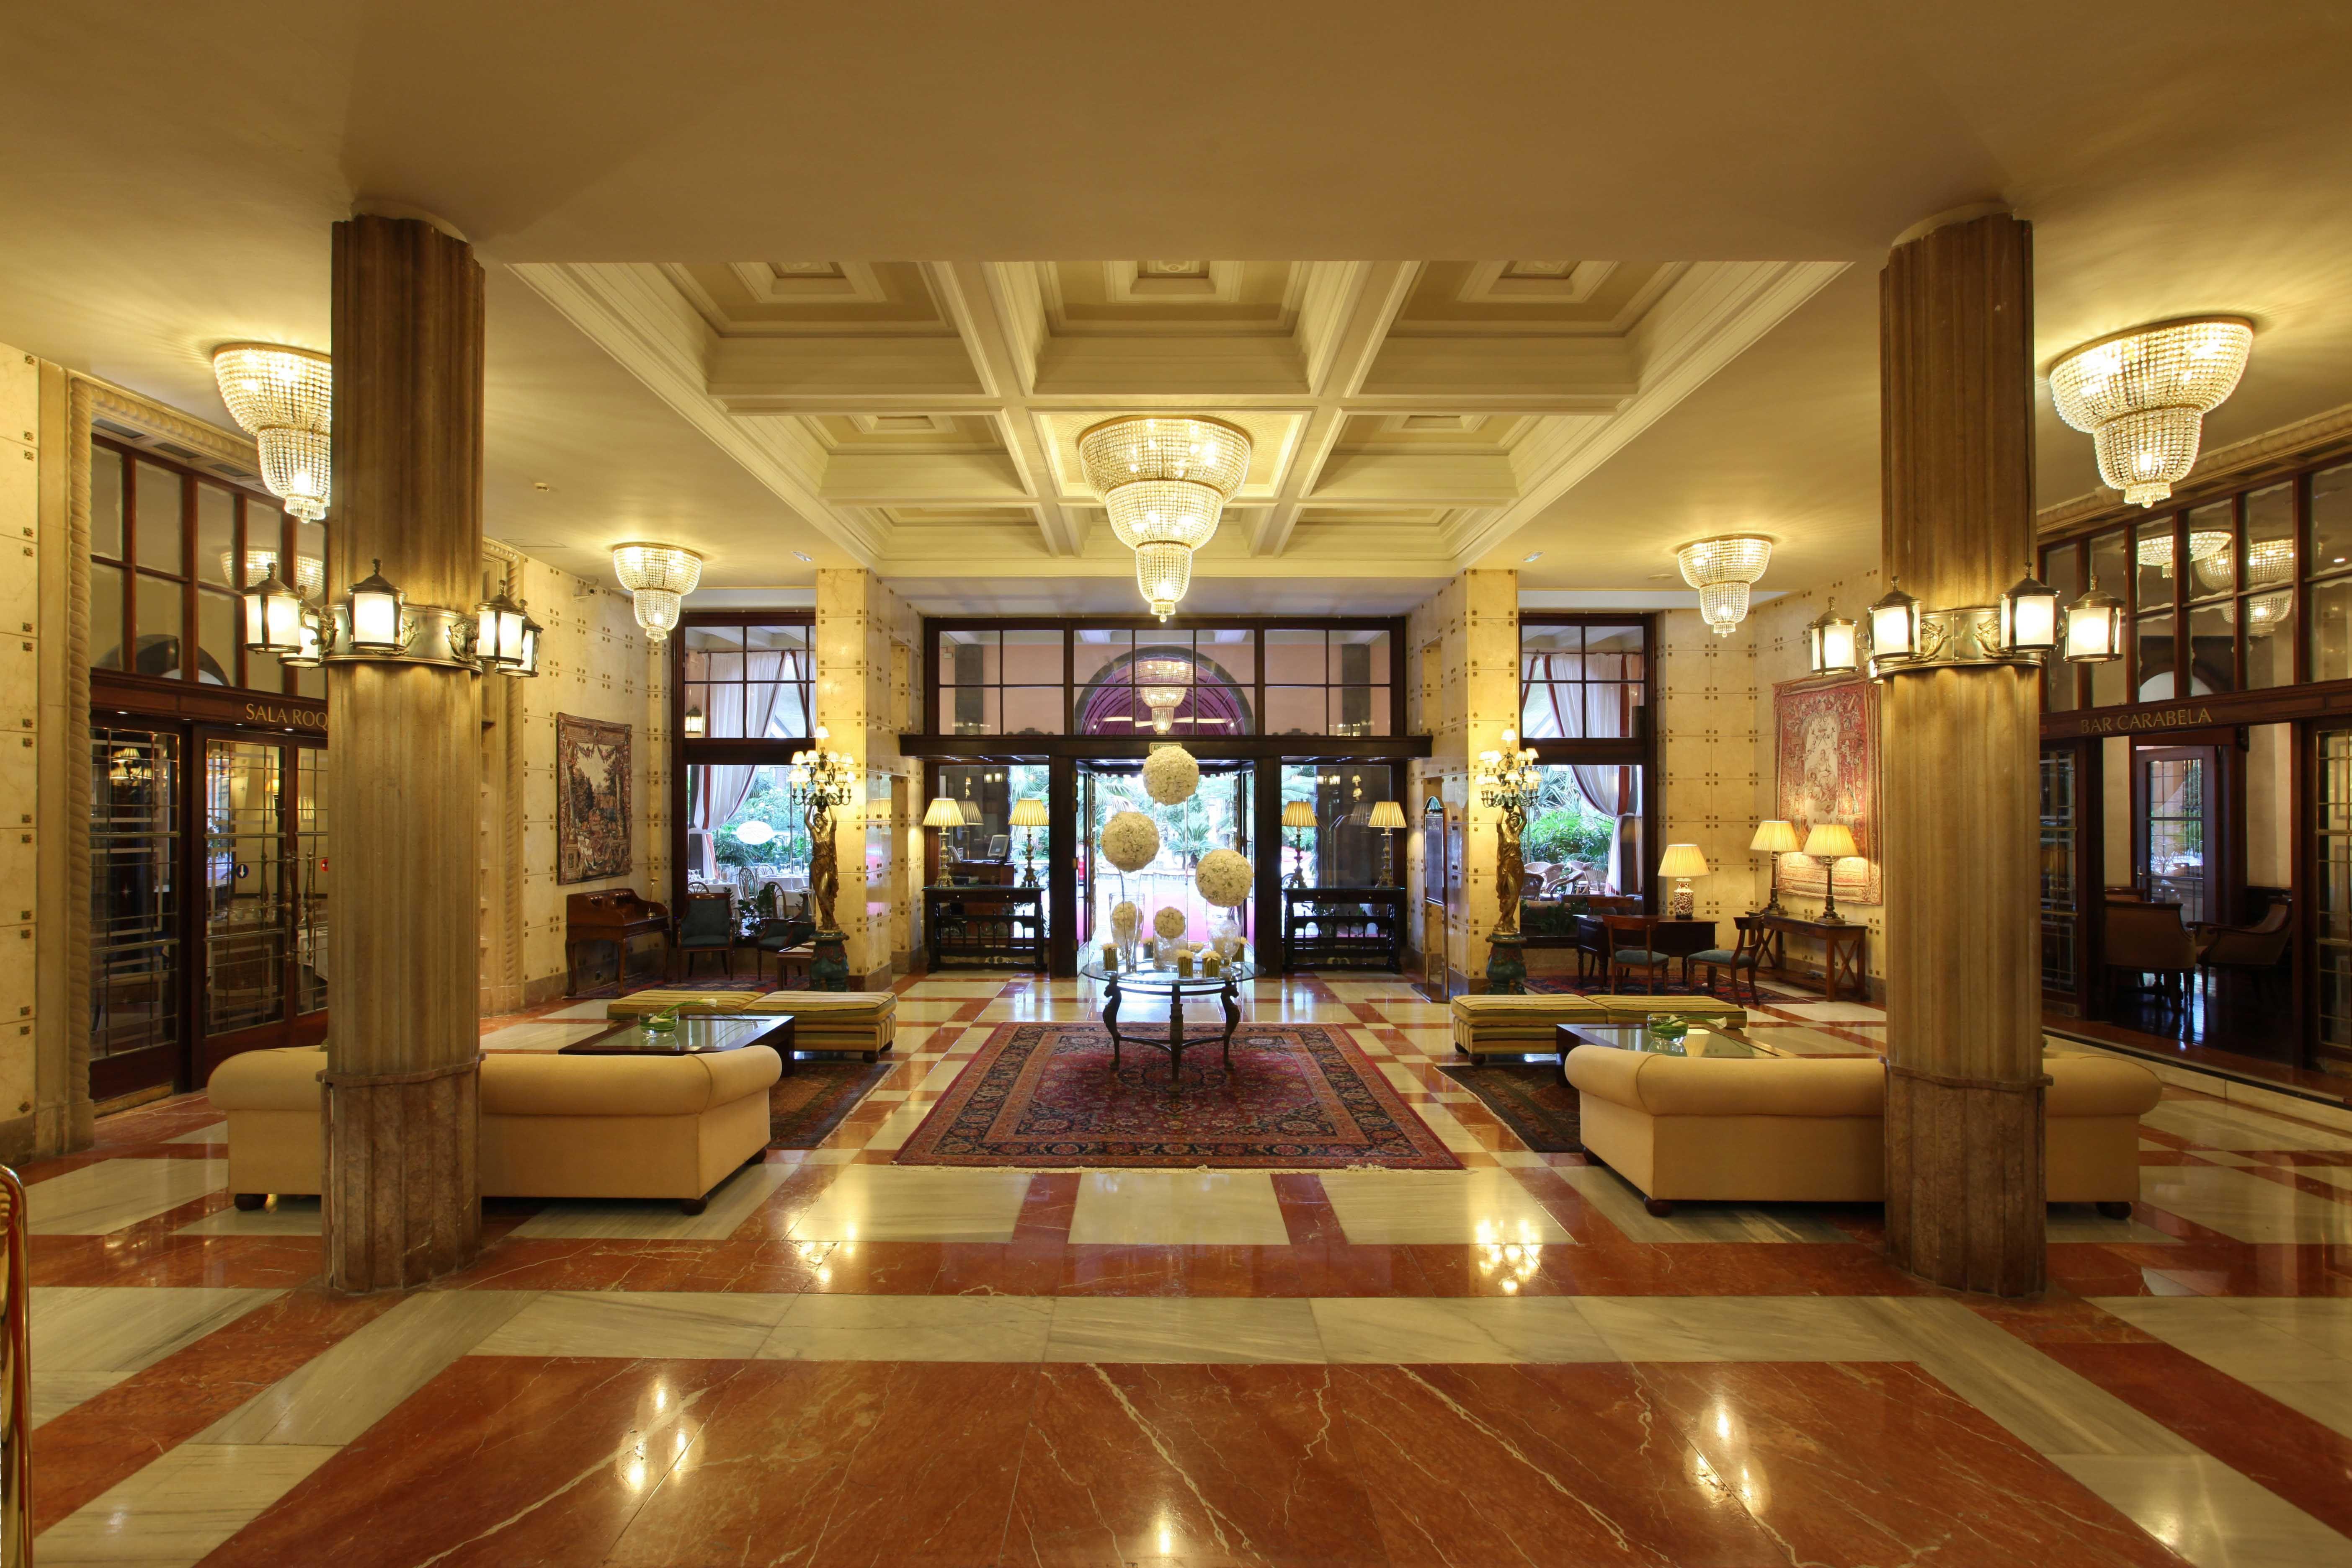 Lobby de hoteles 5 estrellas buscar con google tareas for Decoracion con estrellas